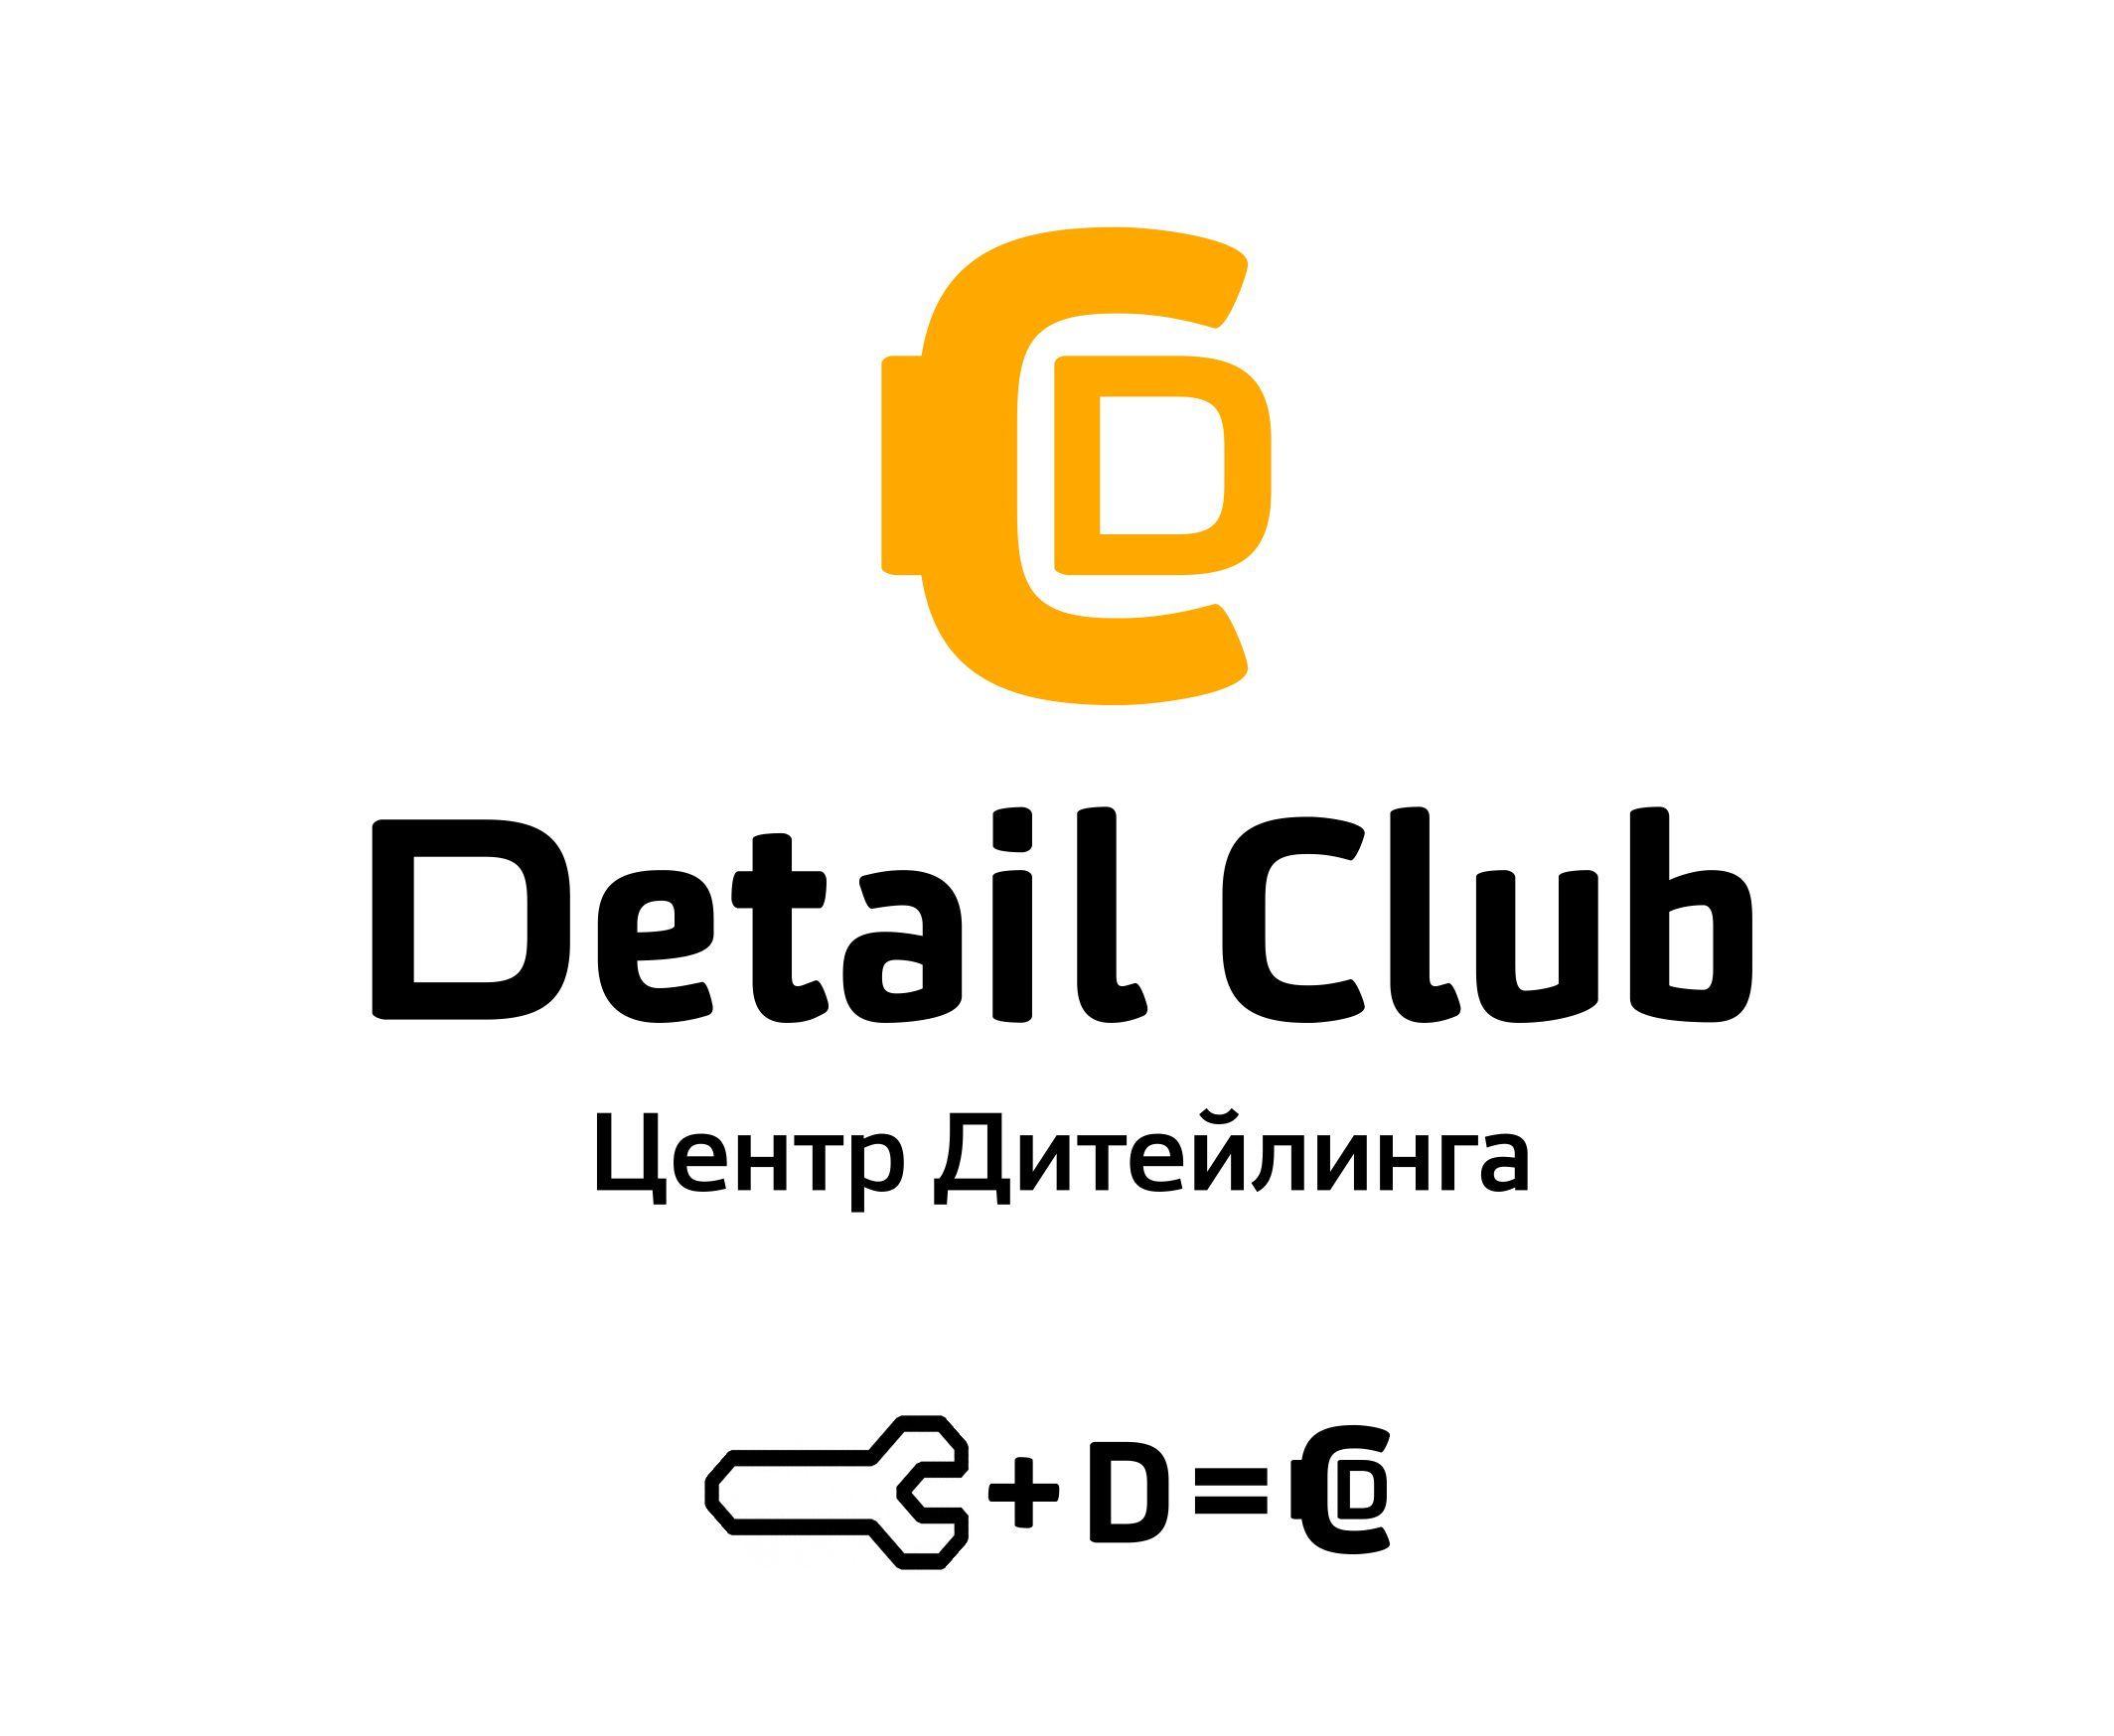 Логотип для компании (детейлинг студия) - дизайнер MaxVector